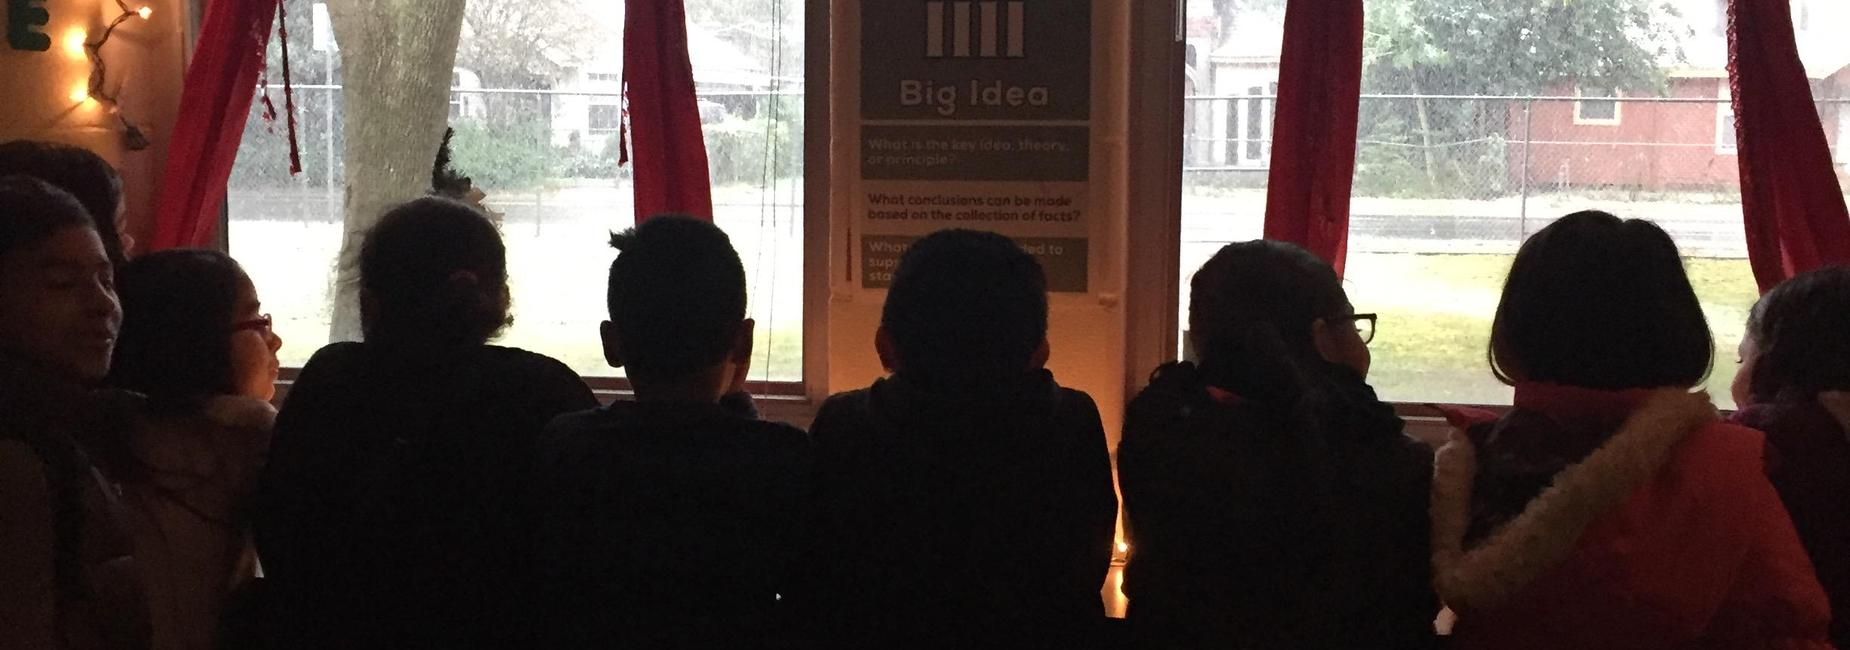 Children watching through window